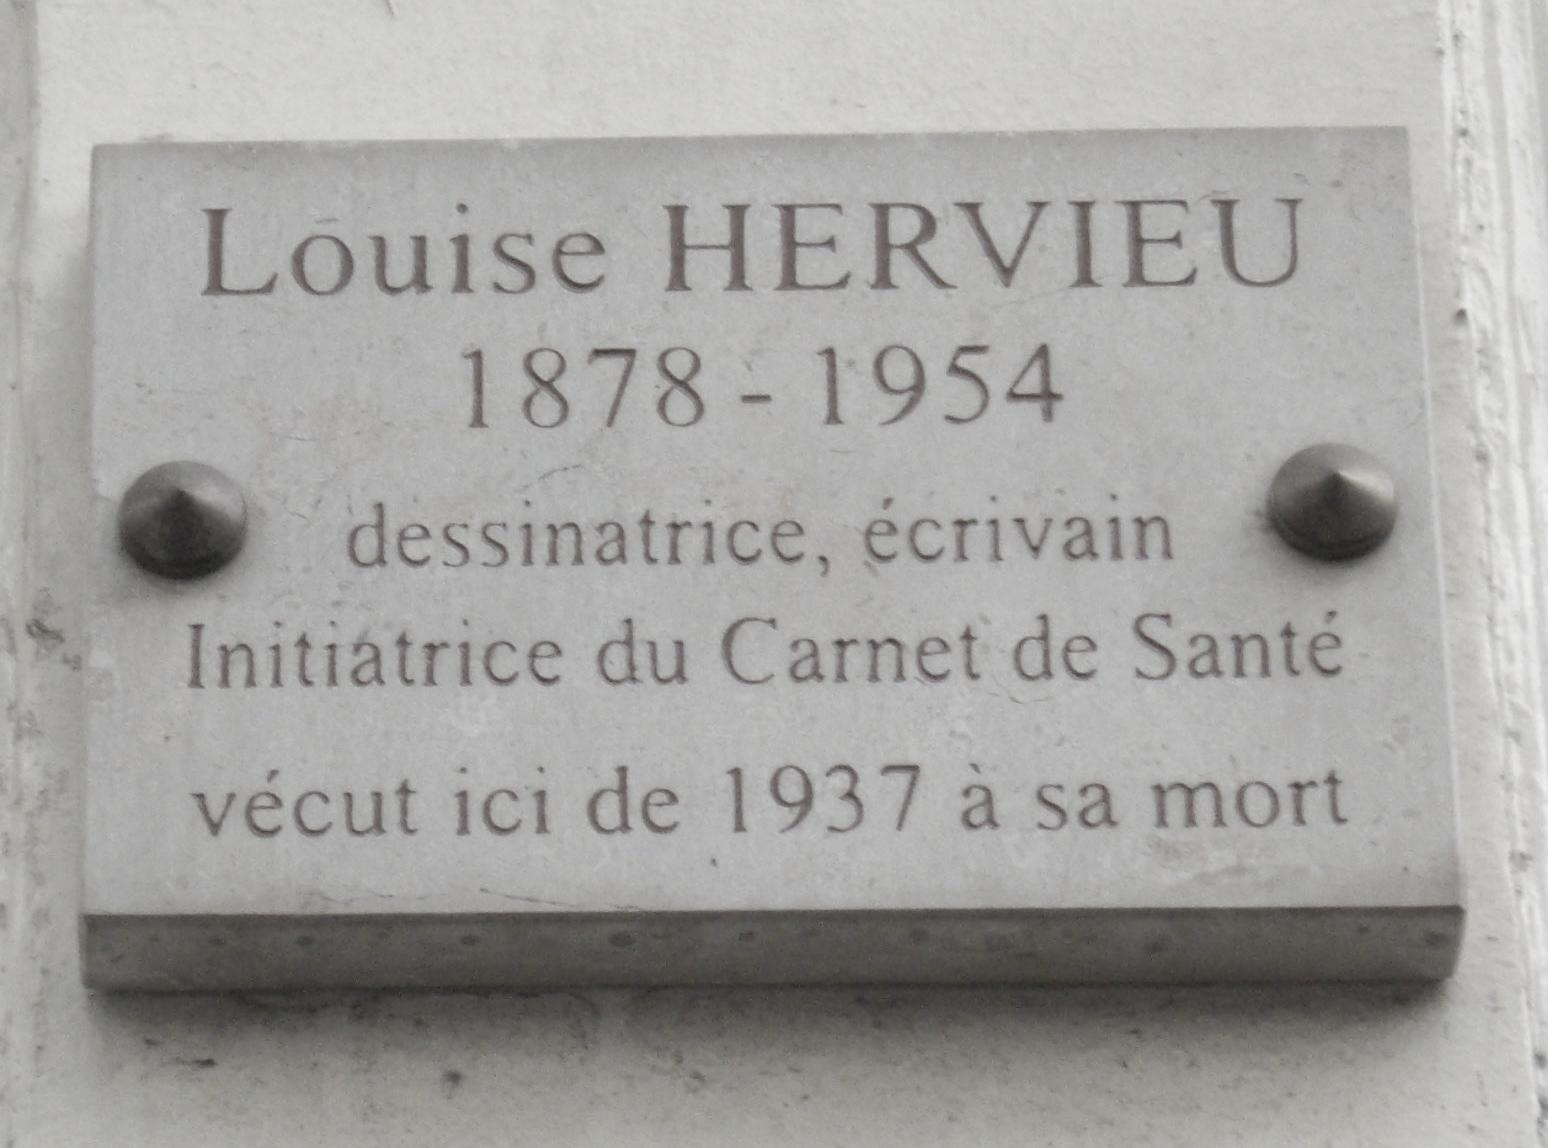 23 Rue Du Cherche Midi fichier:plaque louise hervieu, 55 rue du cherche-midi, paris